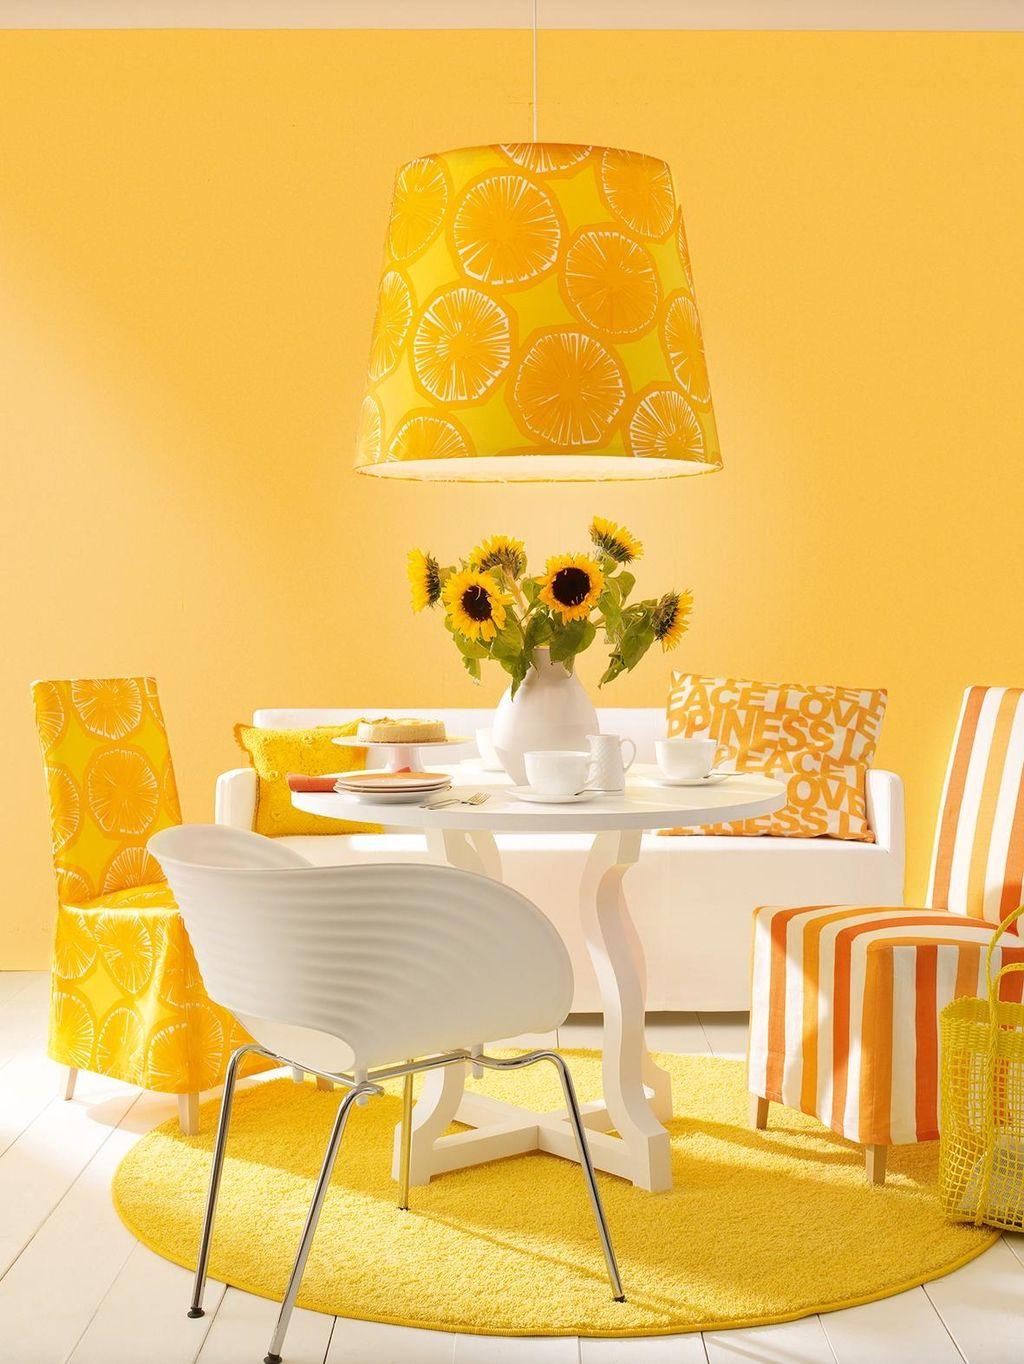 Honey Schoner Wohnen Trendfarbe Wandfarbe Esstisch Wandgestaltung Gelbewand Lampe Gelbewandfarbe Schonerwoh Mit Bildern Dekor Schoner Wohnen Farbe Gelbes Esszimmer